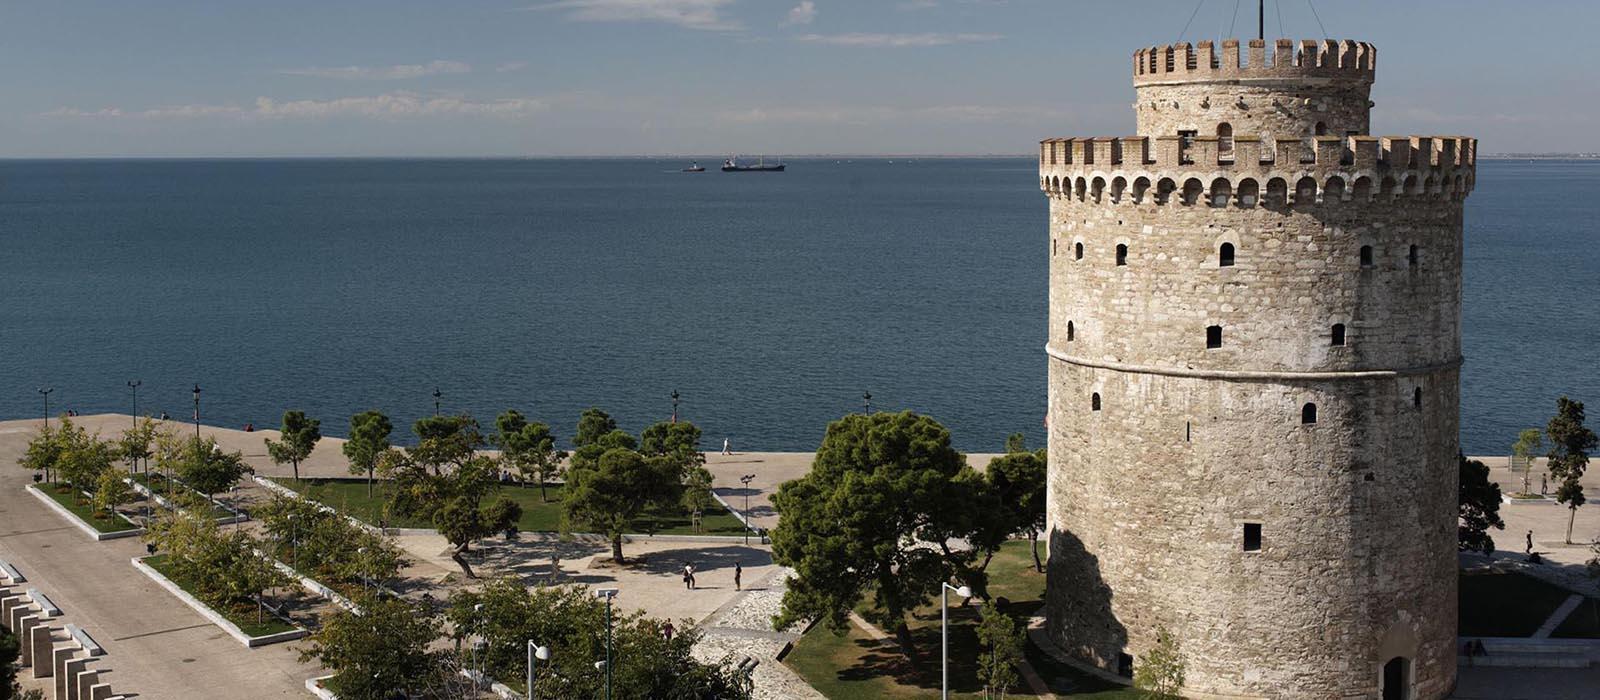 Στην Θεσσαλονίκη ρίχνει το πολιτικό βάρος ο Τσίπρας